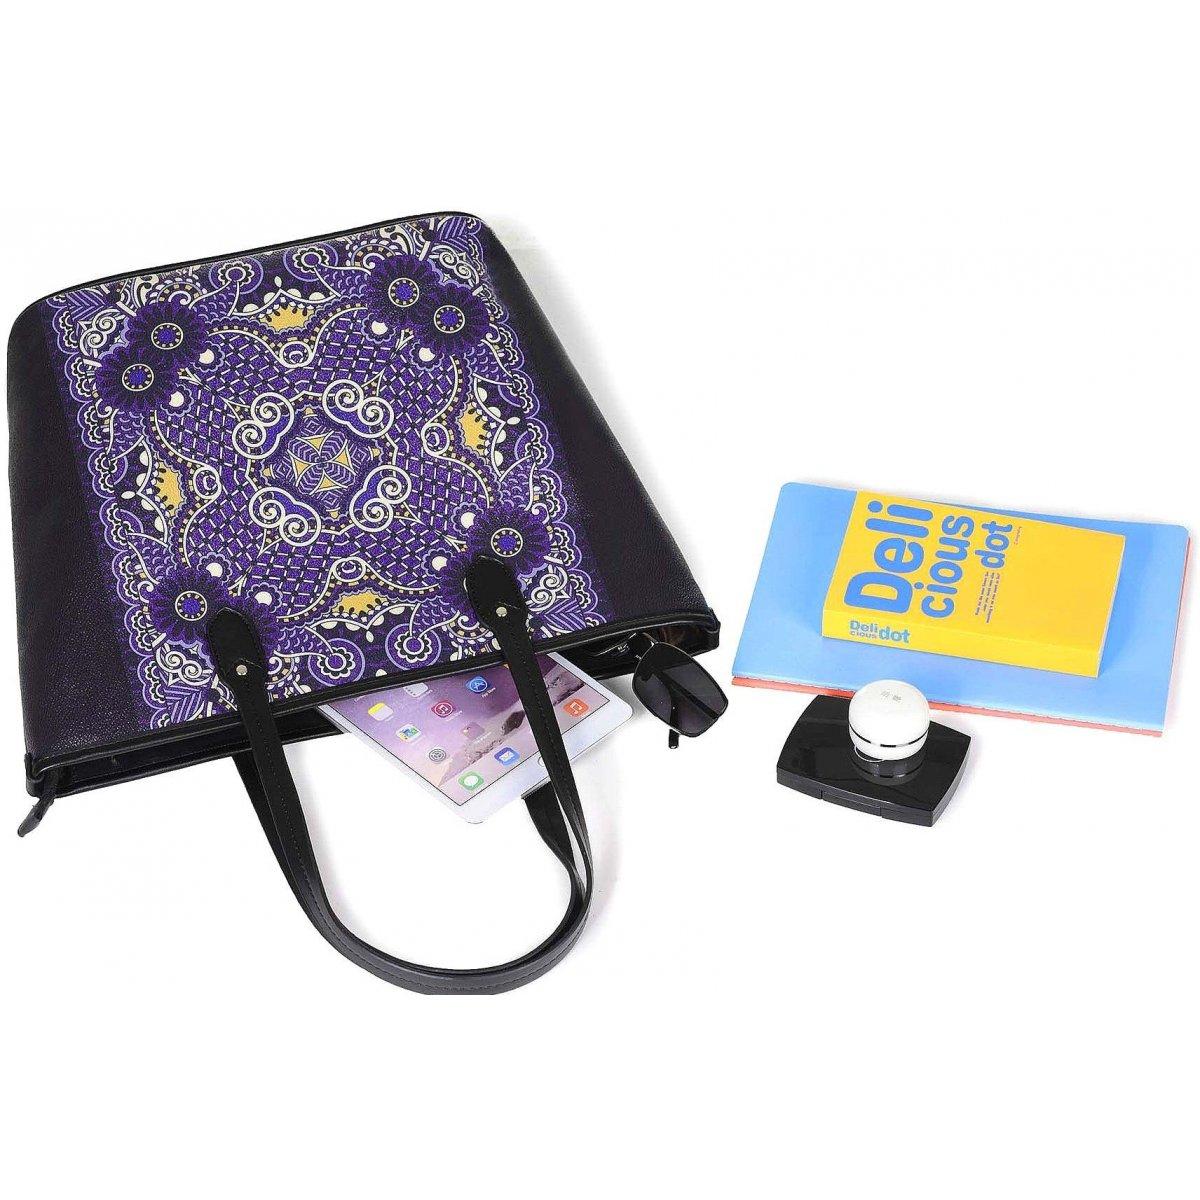 sac main les sacs de krlot fkg00961 couleur principale rose promotion. Black Bedroom Furniture Sets. Home Design Ideas